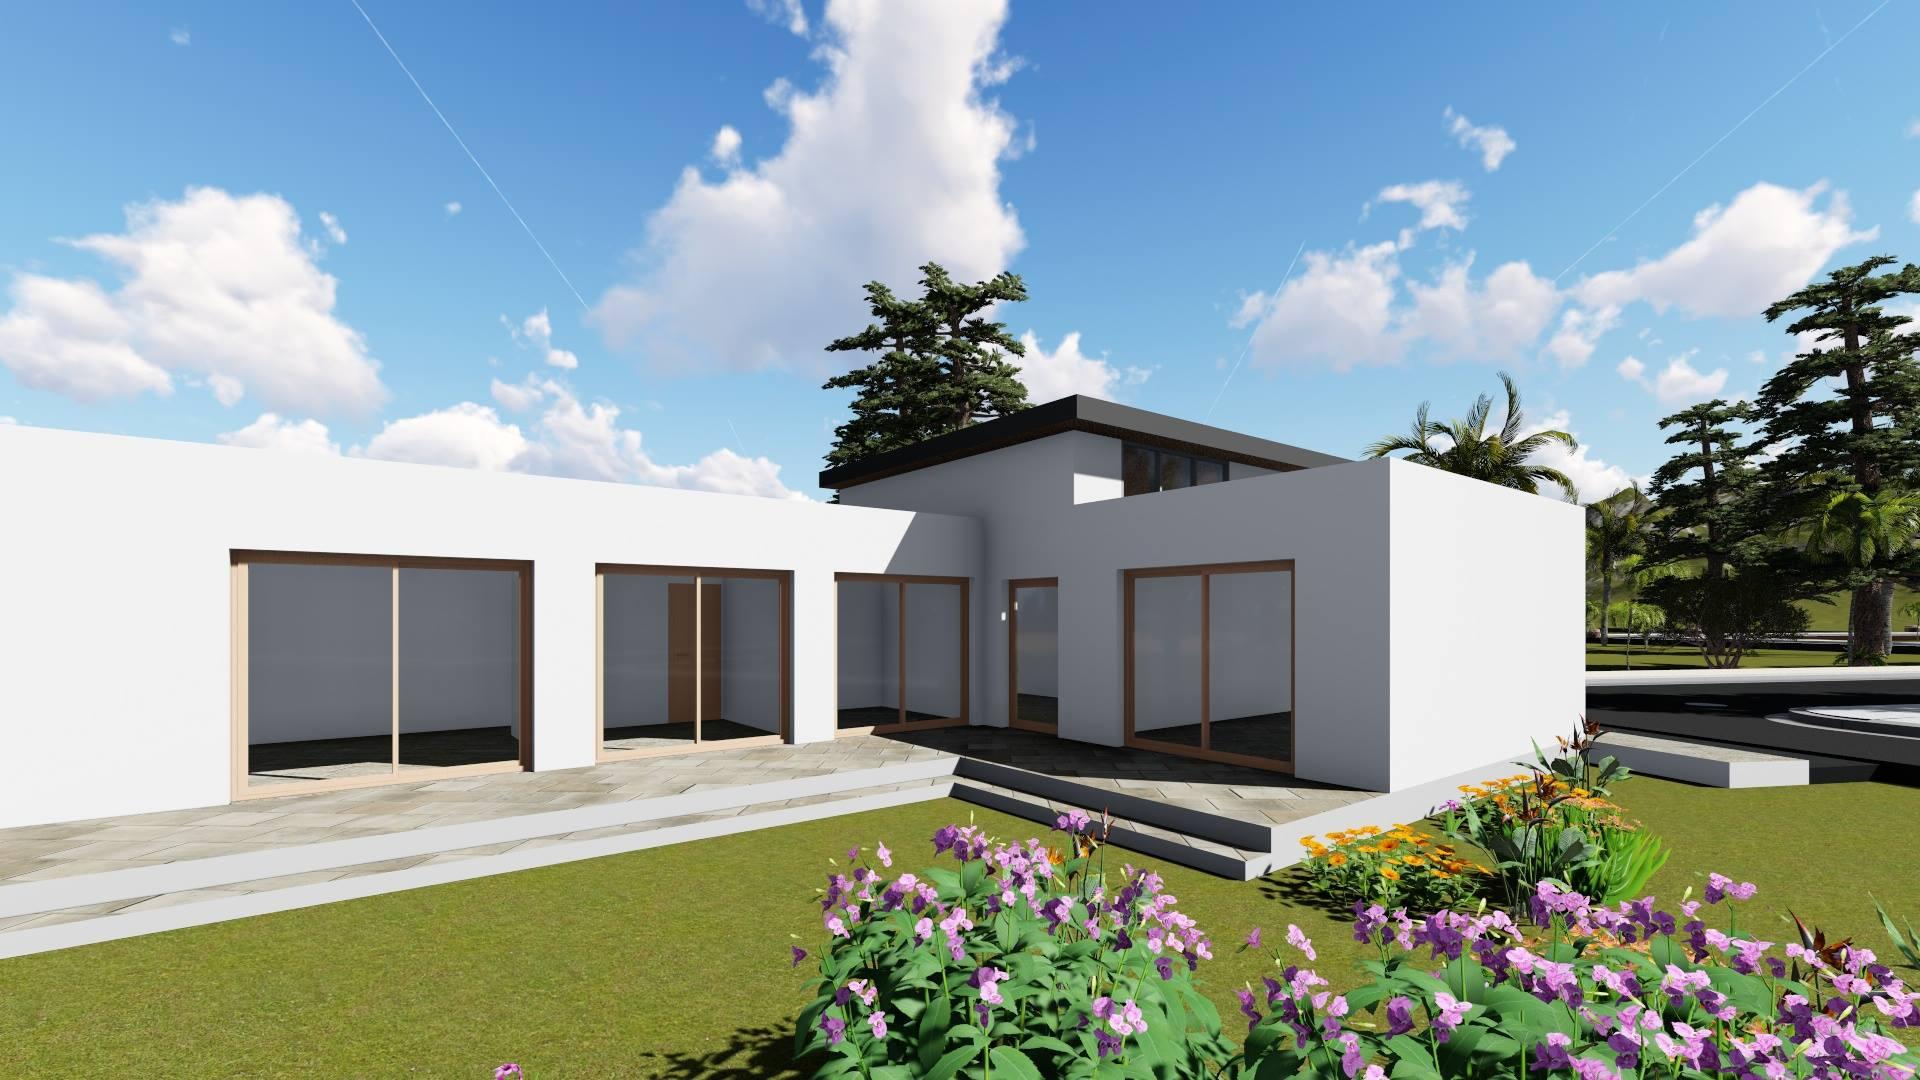 Casas prehor sm empresa de casas prefabricadas de - Casas prefabricadas en zaragoza ...